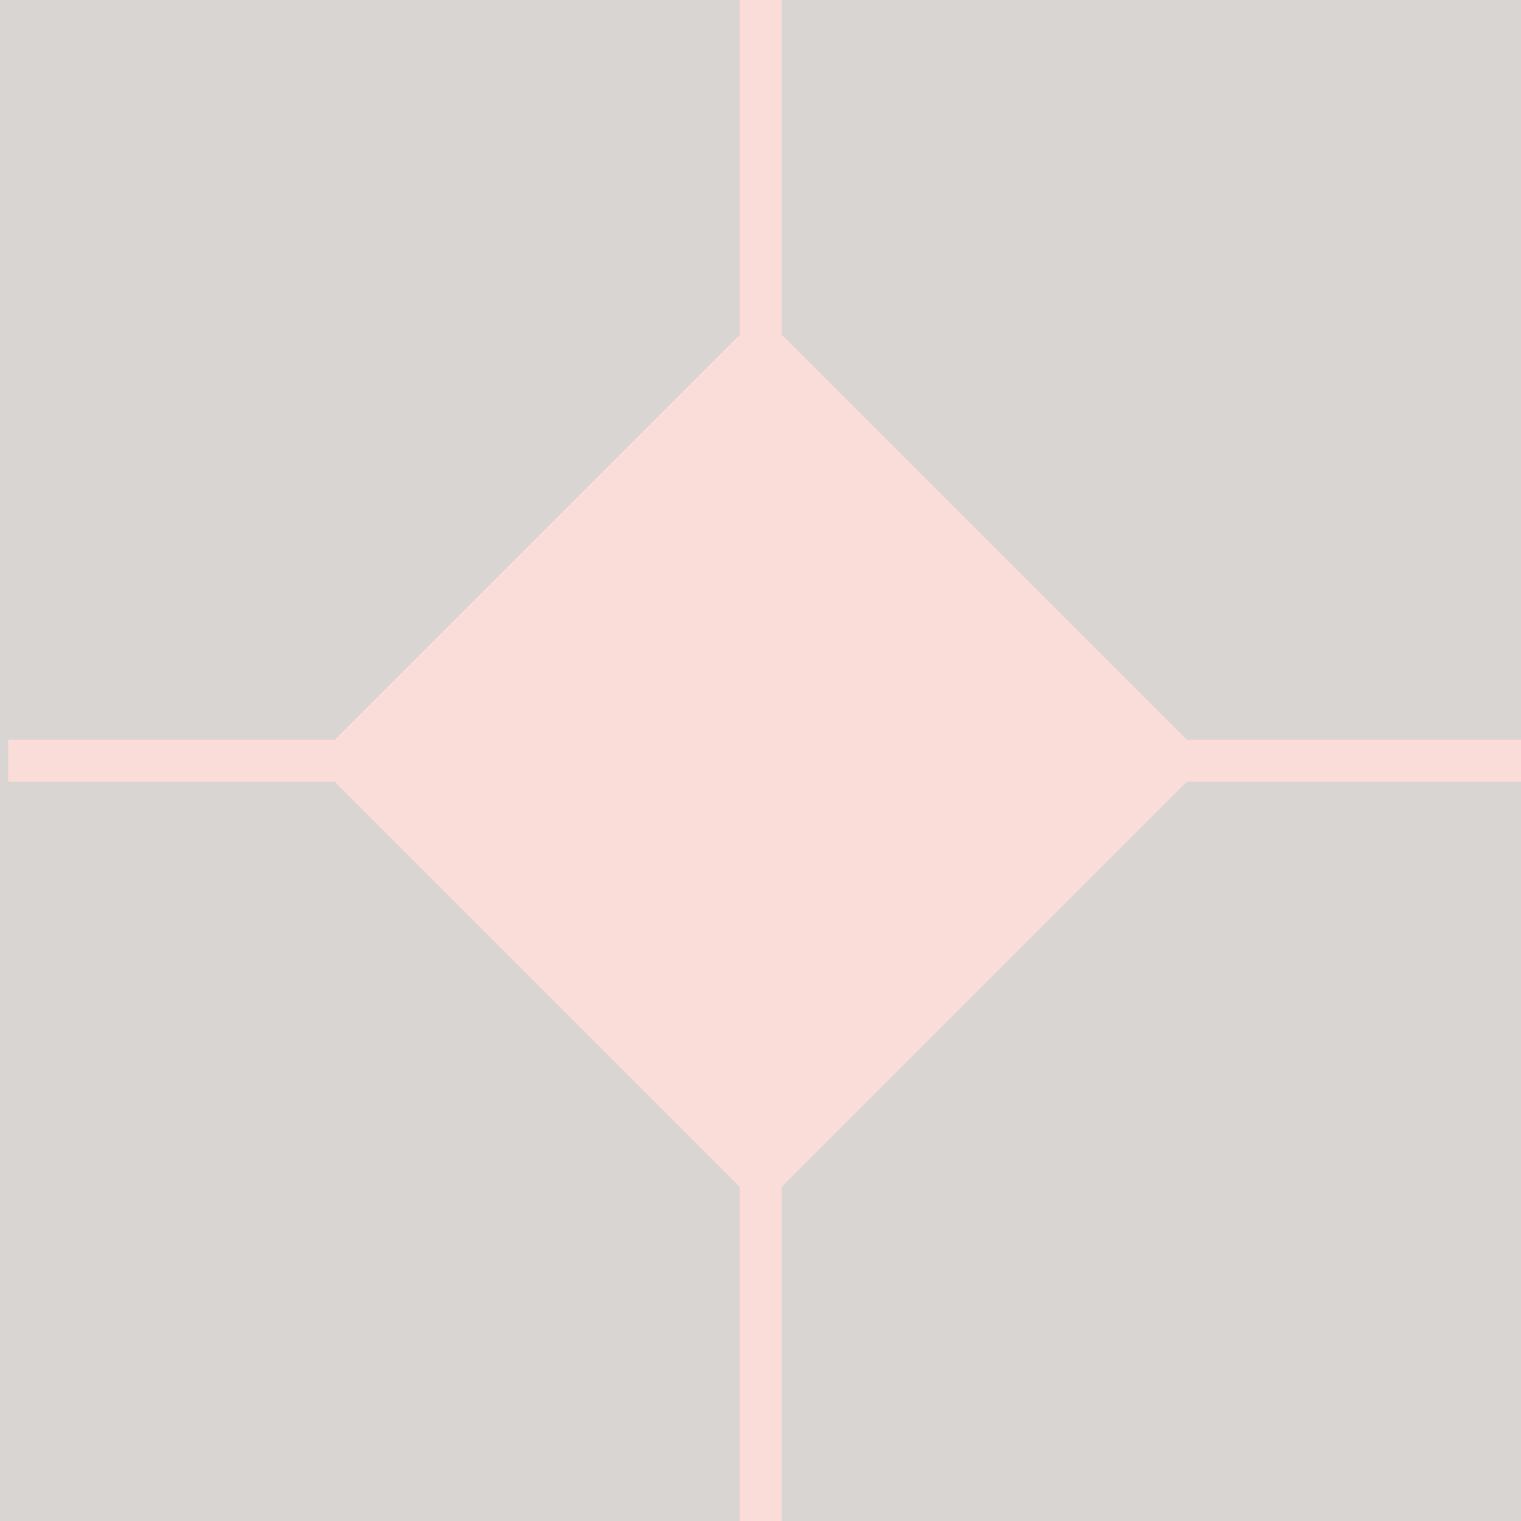 Illustration av en solcellspanel